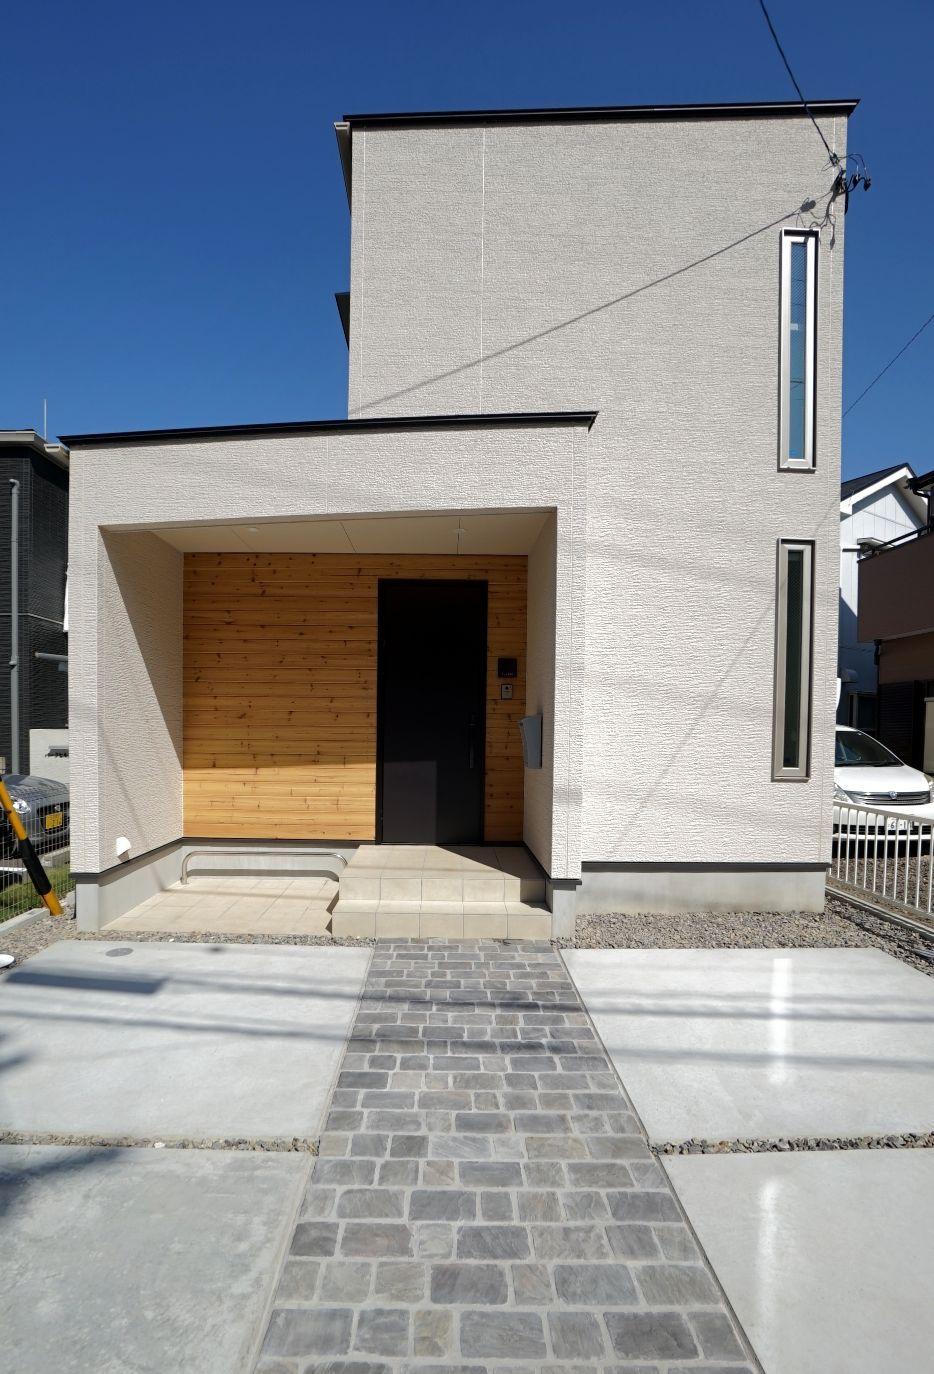 RIKYU (リキュー)【デザイン住宅、間取り、建築家】建築家設計の住宅らしい独創的な外観デザイン。木目調のサイディングがアクセントに。ポーチに軒を設けたことで、雨の日もストレスフリー